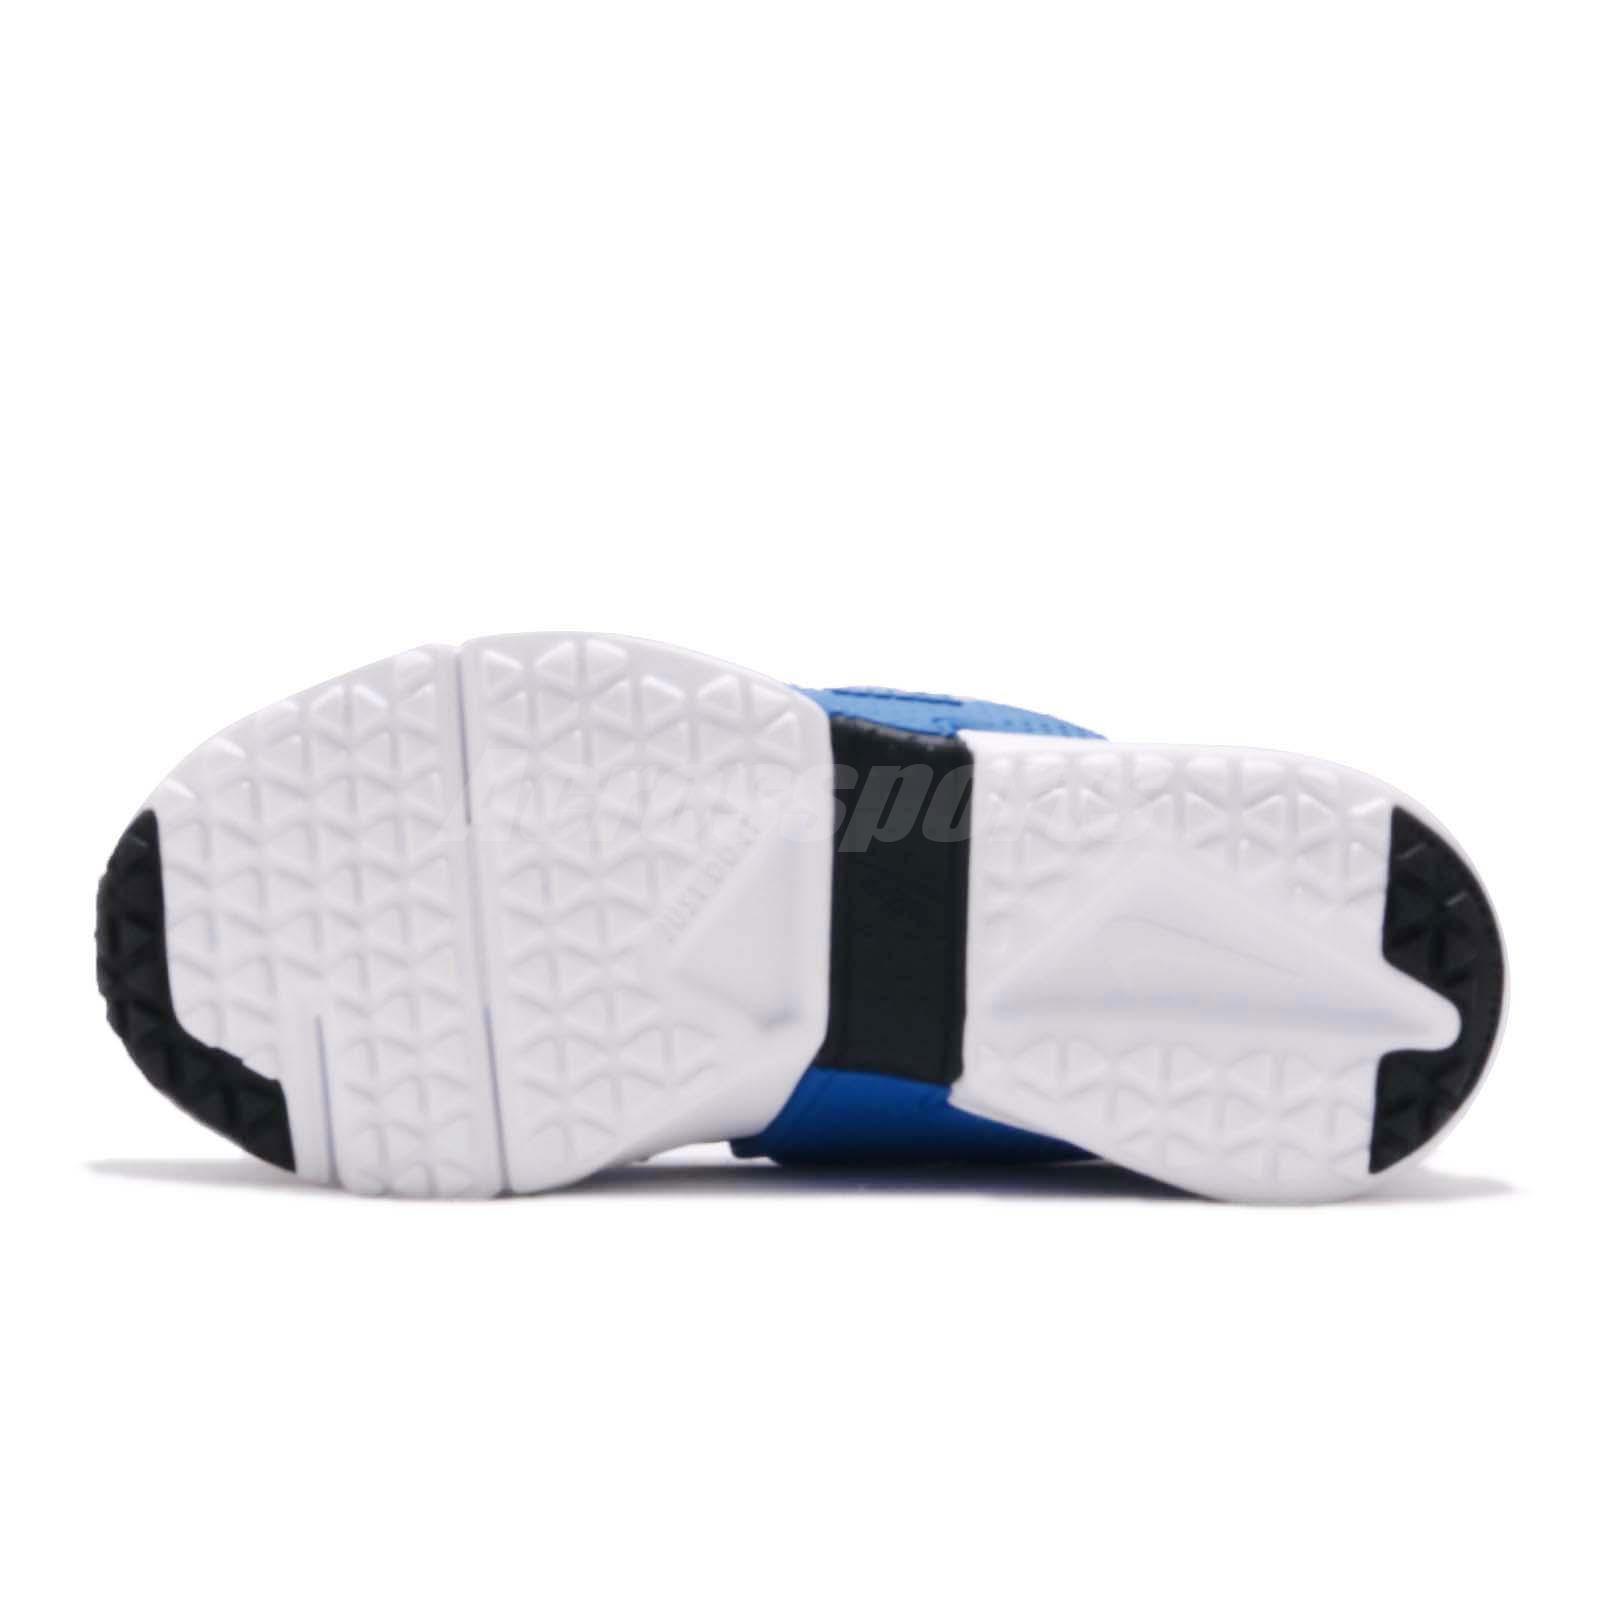 a73e533a13ea4 Nike Huarache Extreme PS Black Blue White Kid Preschool Slip On ...